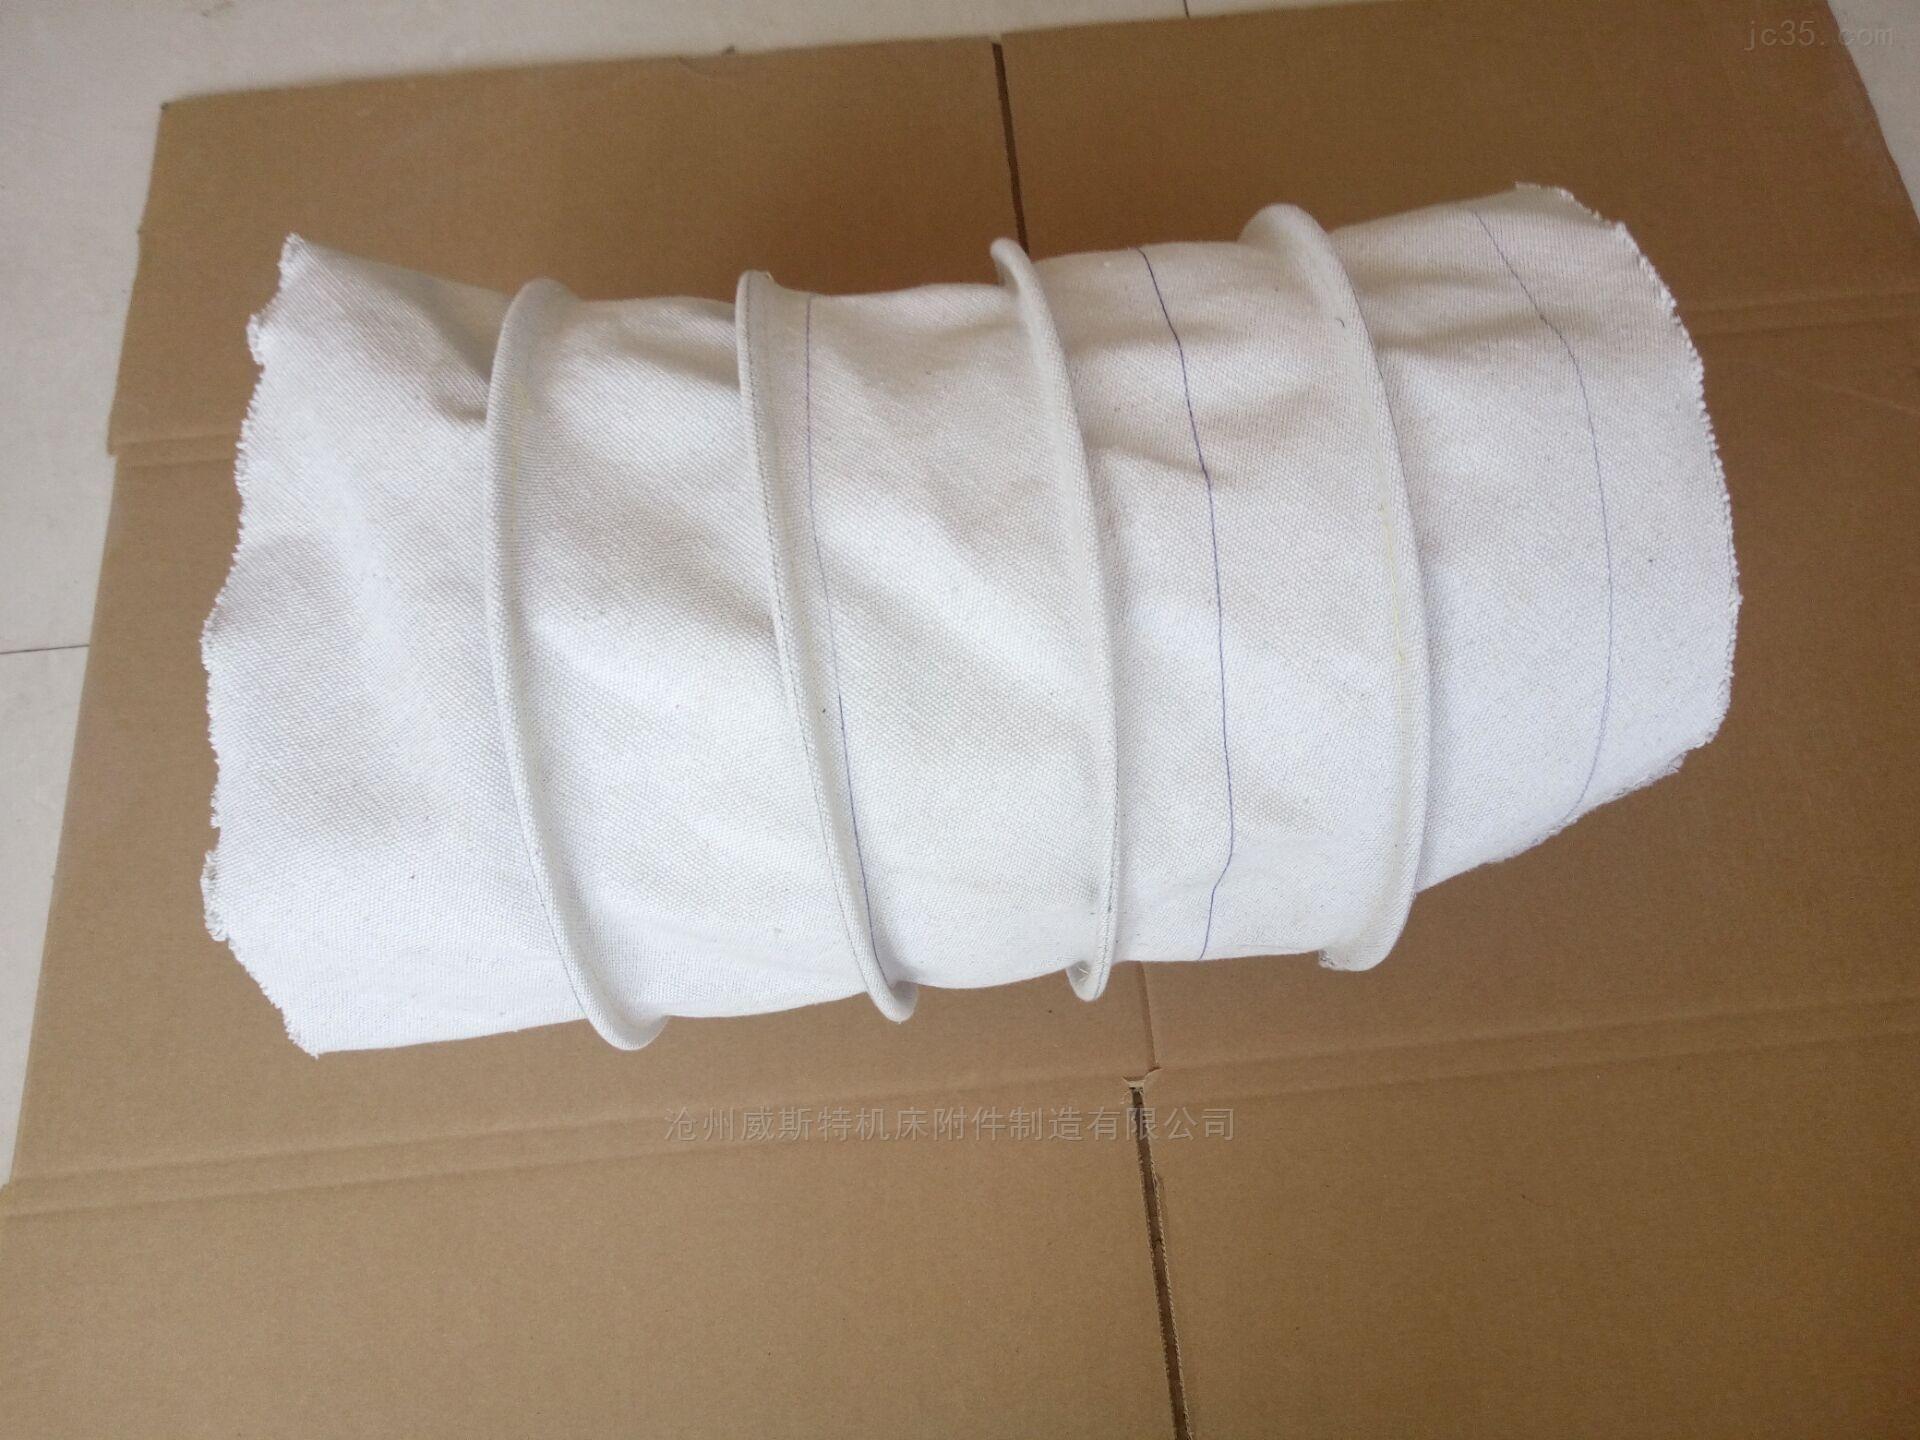 安徽水泥厂帆布伸缩布袋供应商